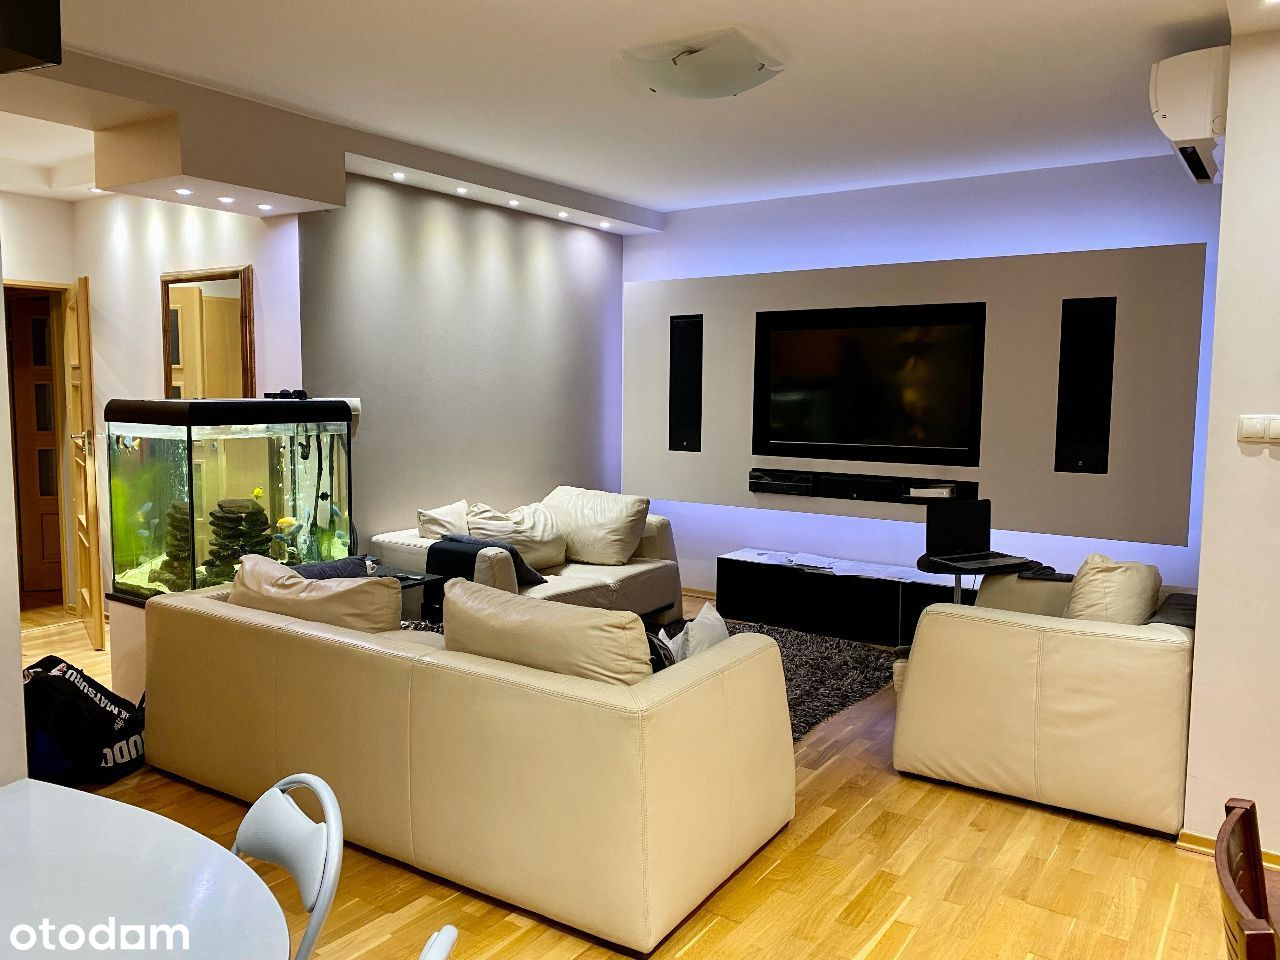 Mieszkanie 4 pokojowe w doskonałej lokalizacji